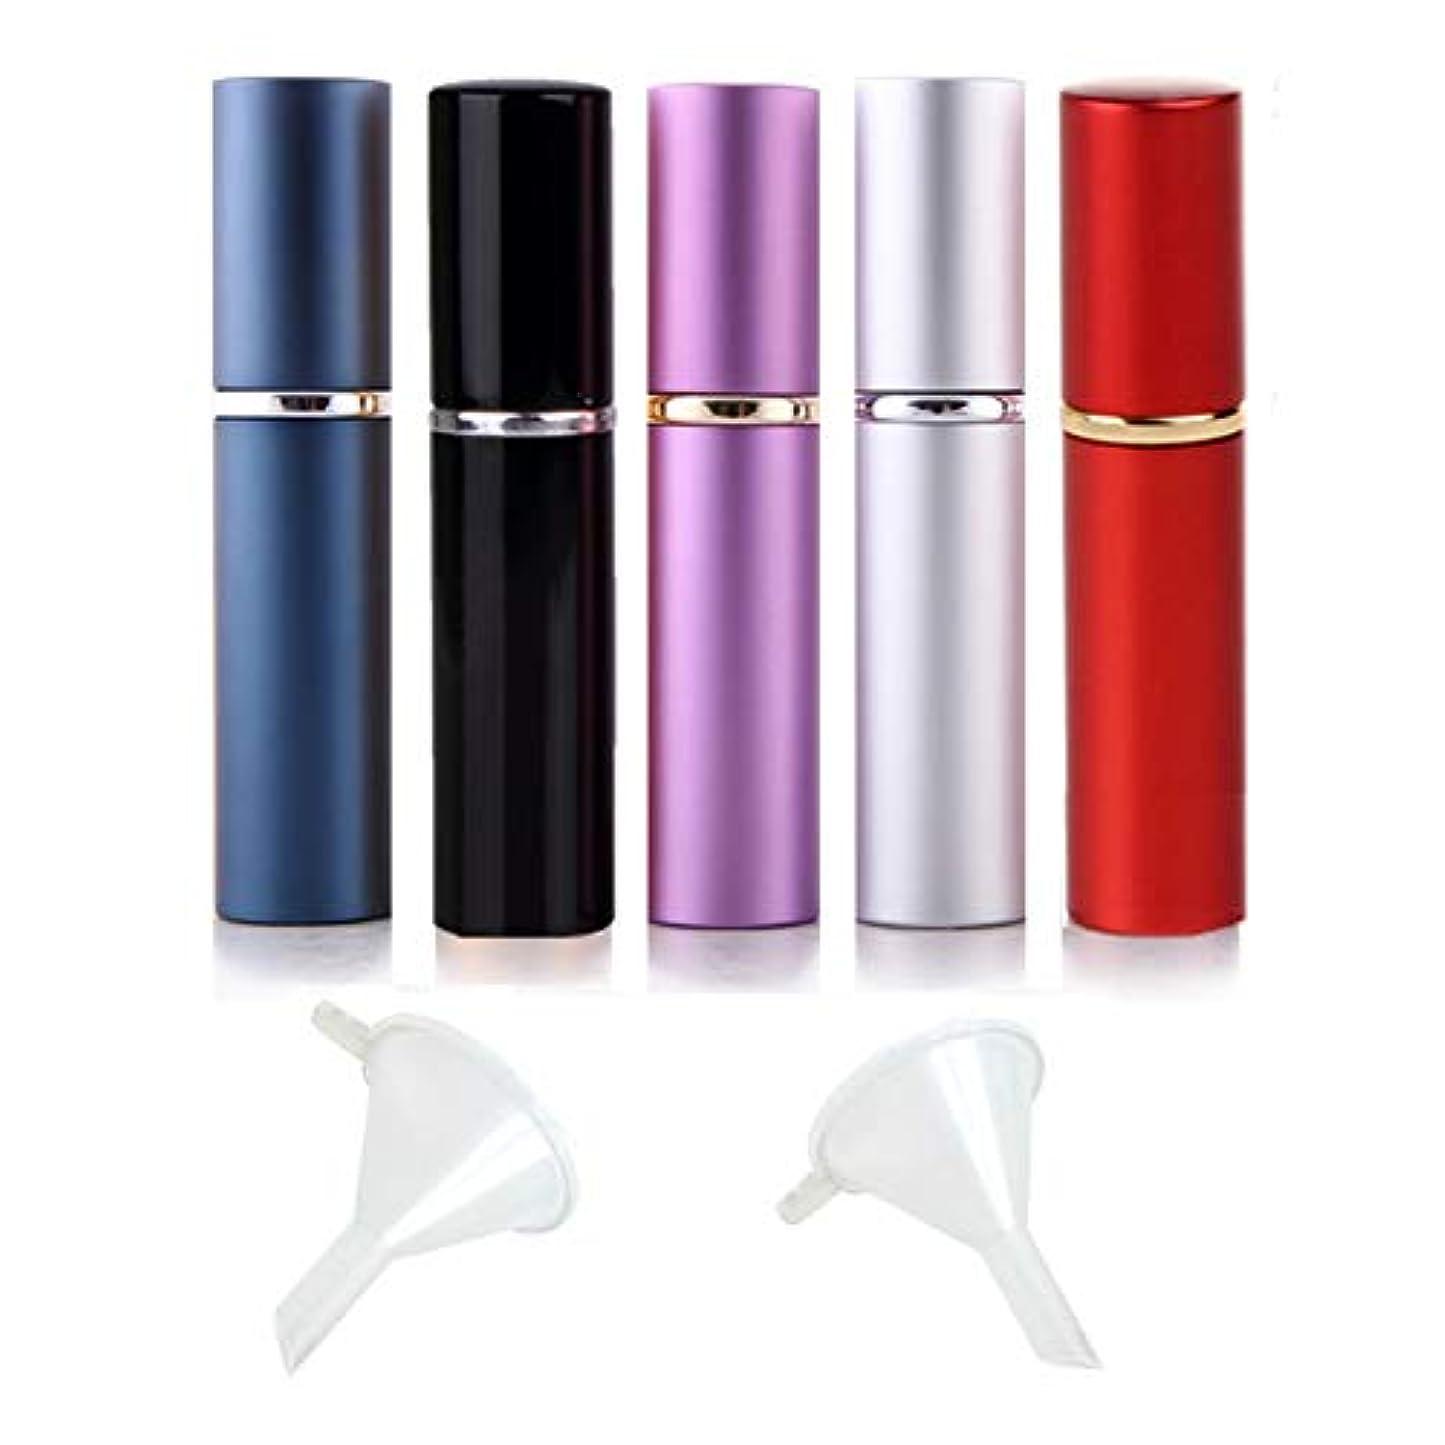 広くインタフェース城アトマイザー 5本 香水ボトル 香水瓶 10ml詰め替え容器 レディース スプレーボトル ミニ漏斗付き